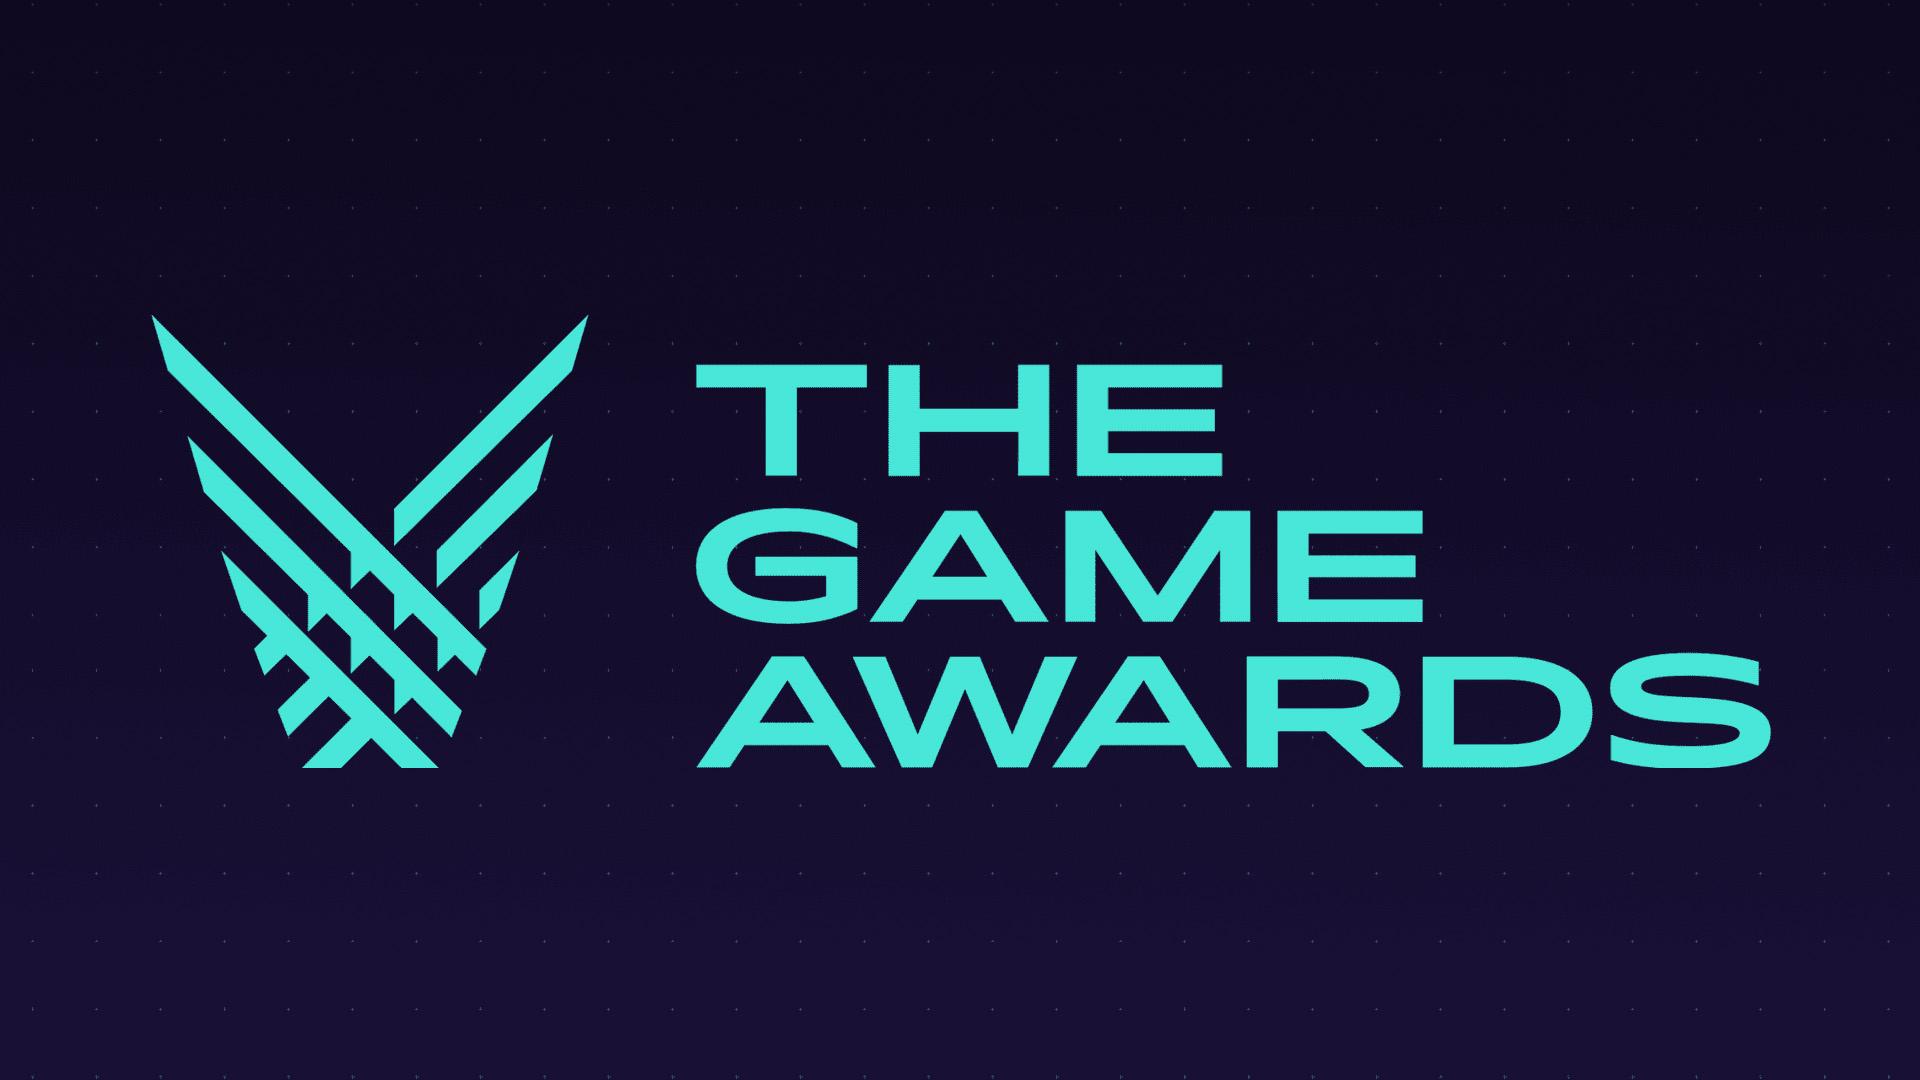 Logo The Game Awards 2019